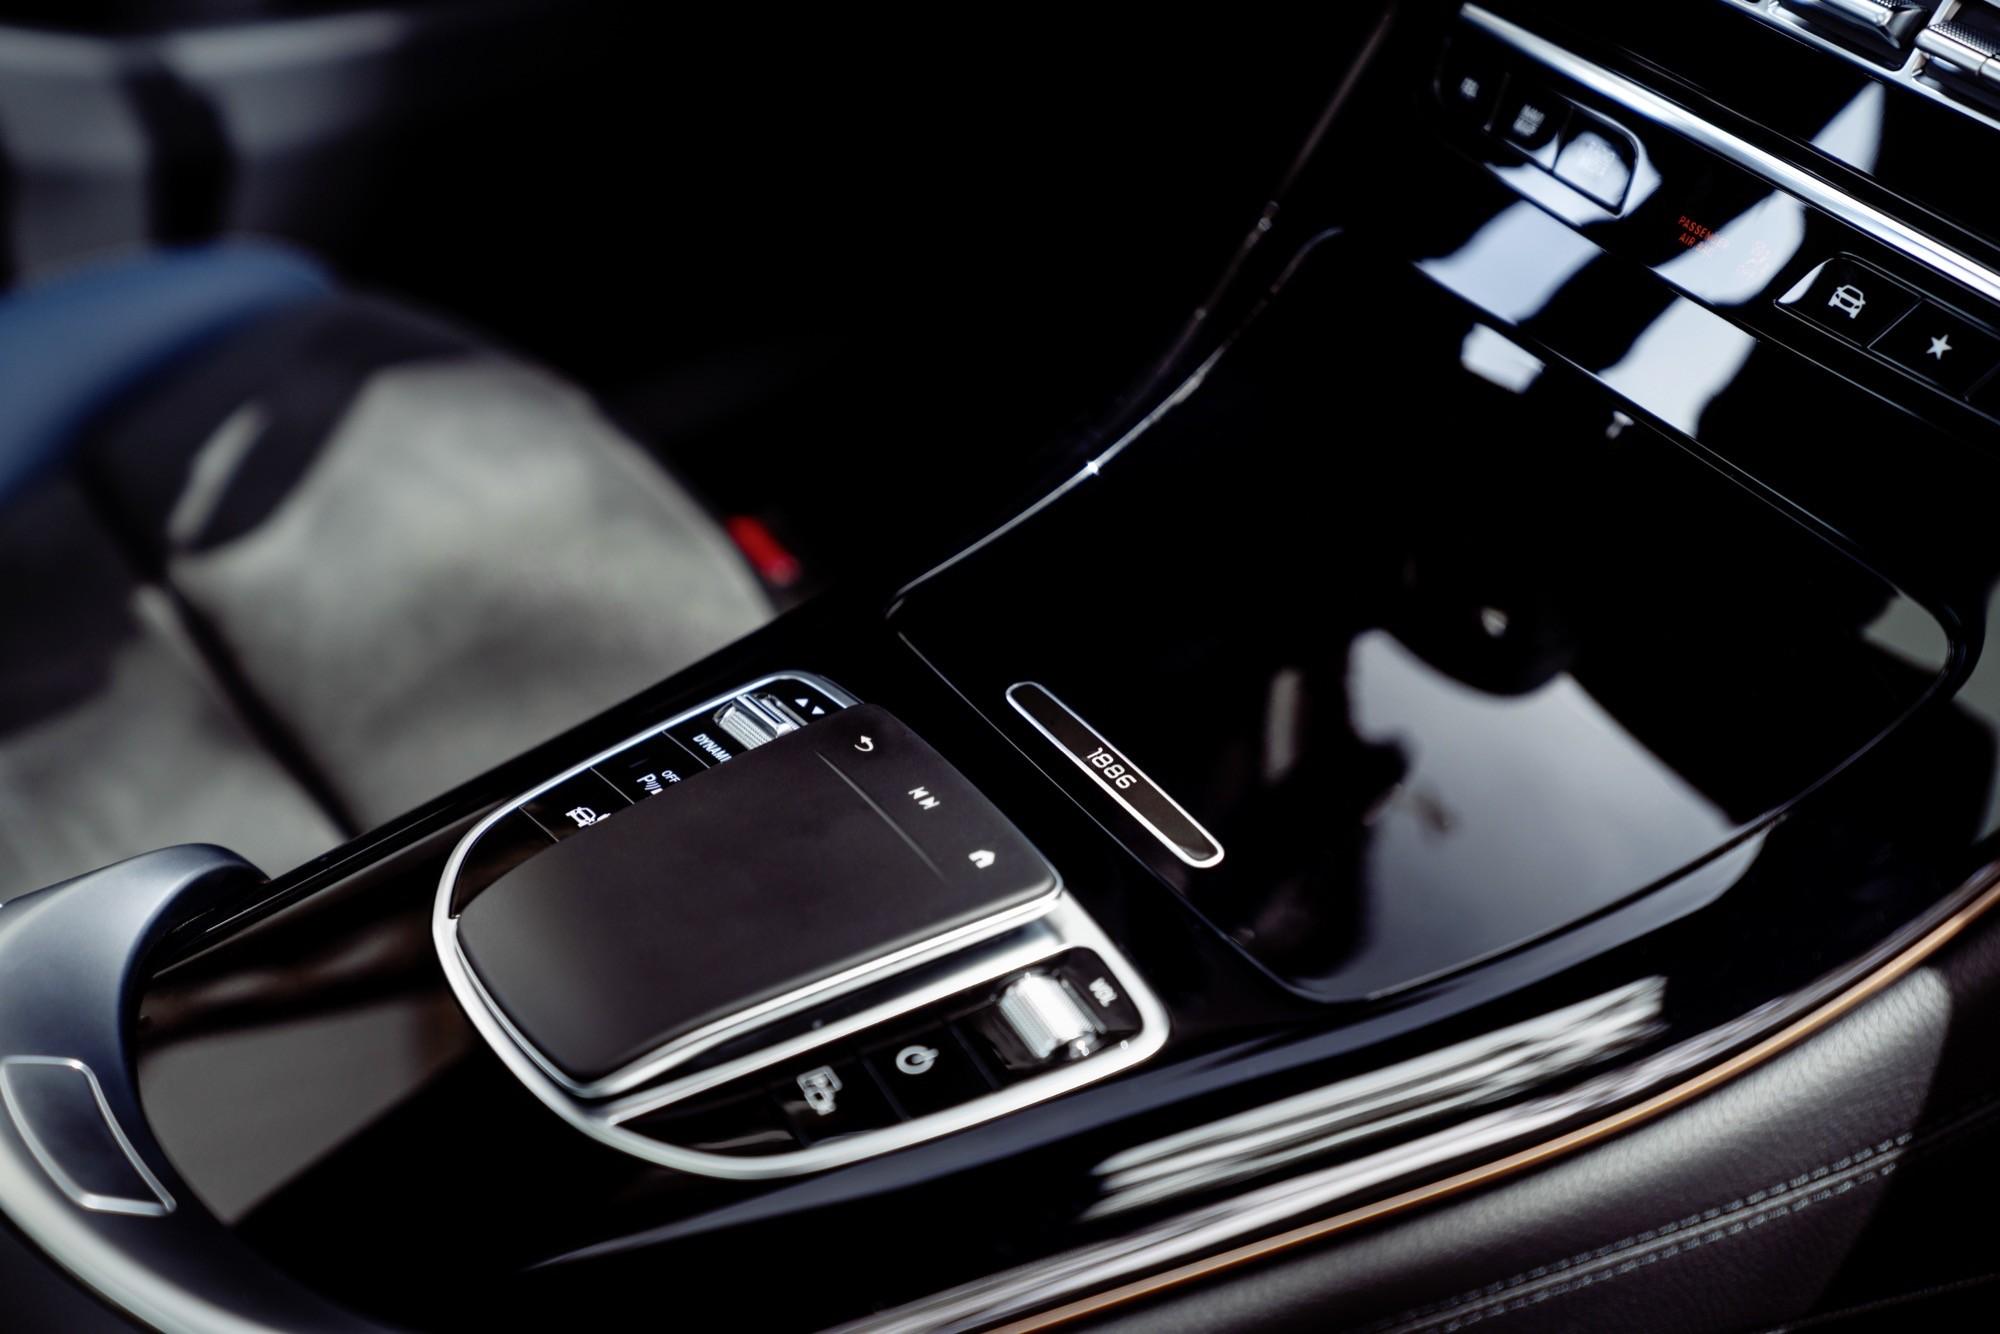 Elektro-SUV: Produktion des Mercedes-Benz EQC beginnt - Mercedes-Benz EQC (Bild: Daimler)